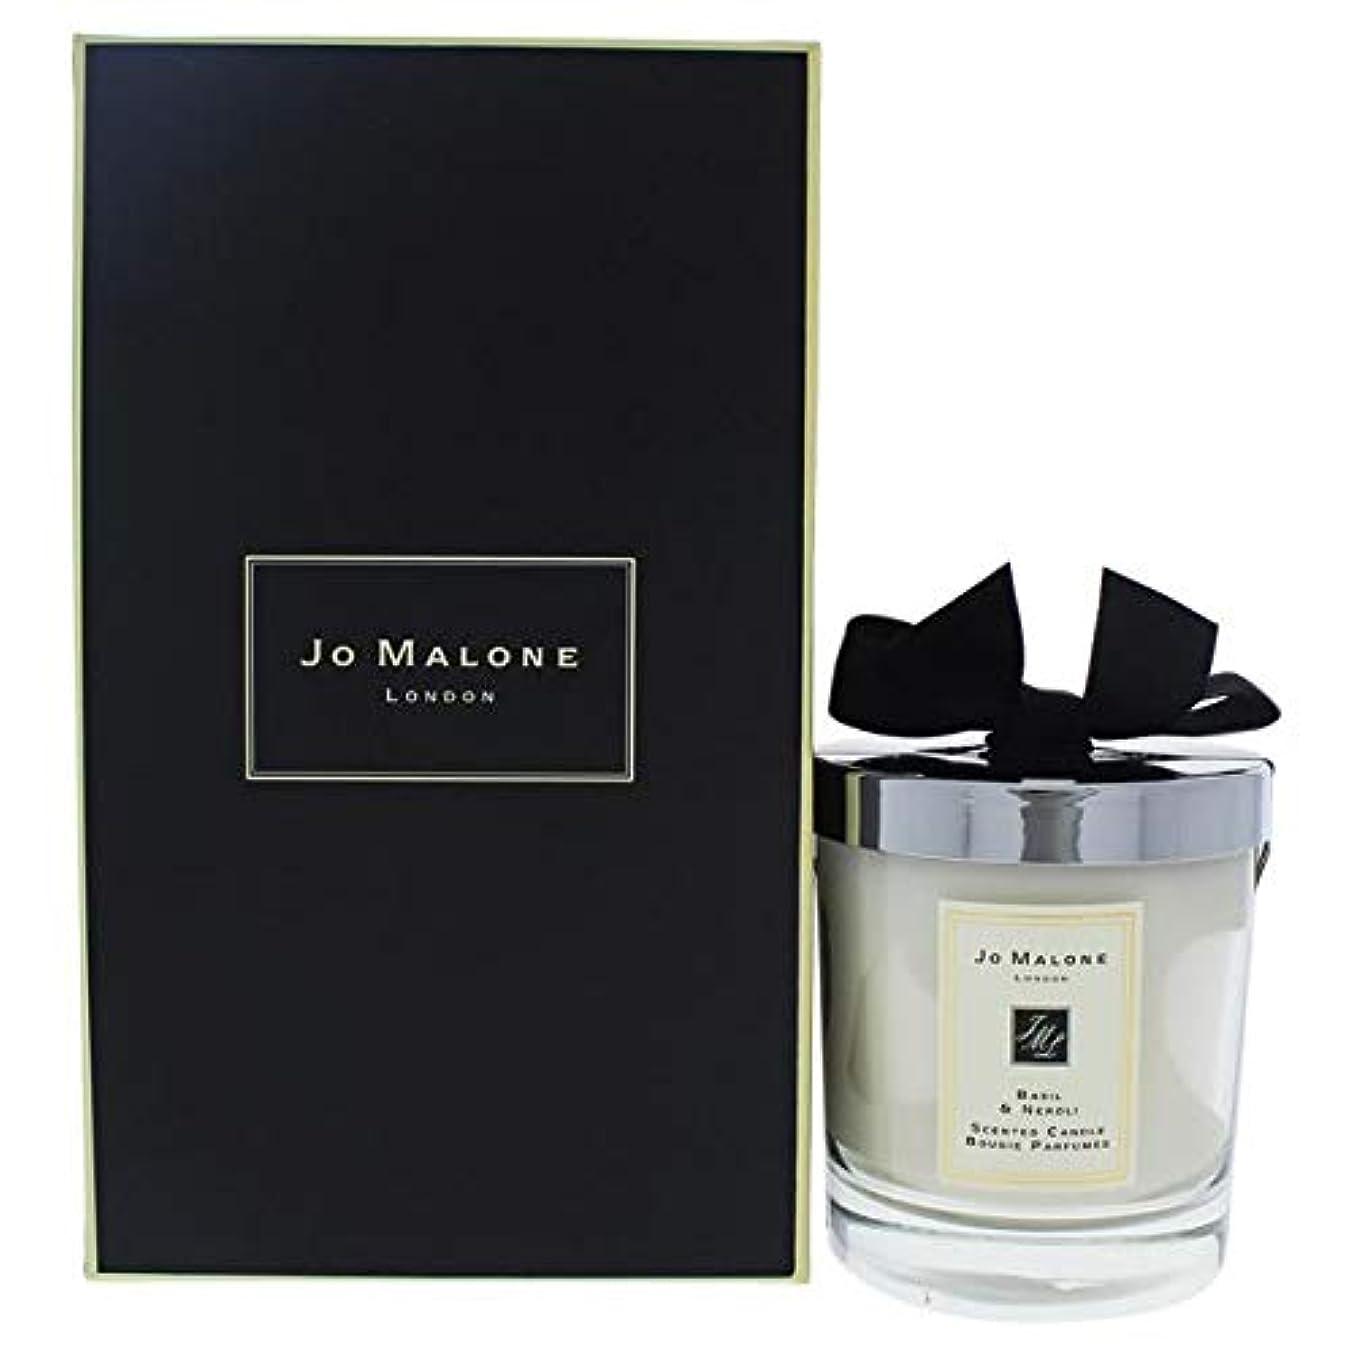 分配しますマスタード語Jo Malone Basil &ネロリScented Candle 200 g ( 2.5インチ)